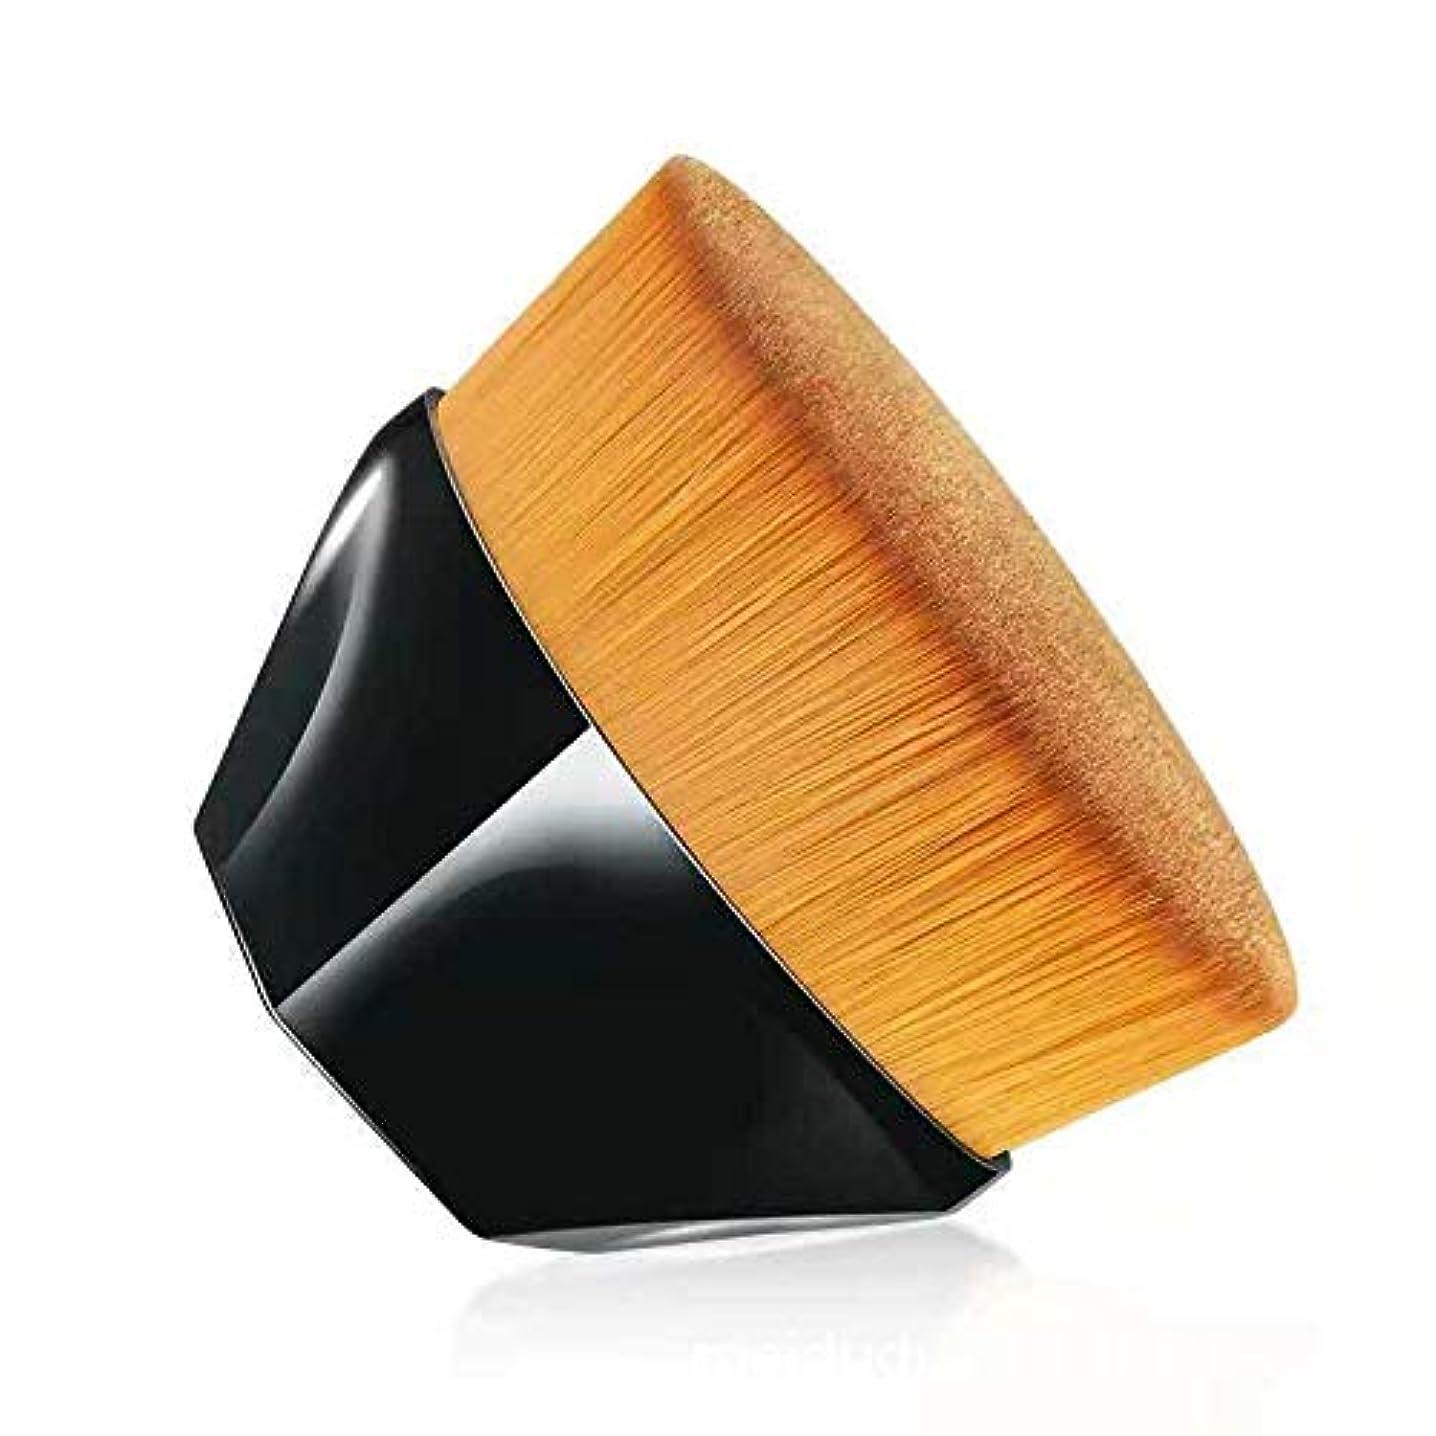 申請中叱るトリップ柔らかい高級繊維毛化粧ブラシ 携帯便利メイクアップブラシ?肌にやさしいファンデーションブラシ?化粧筆 (ブラック)